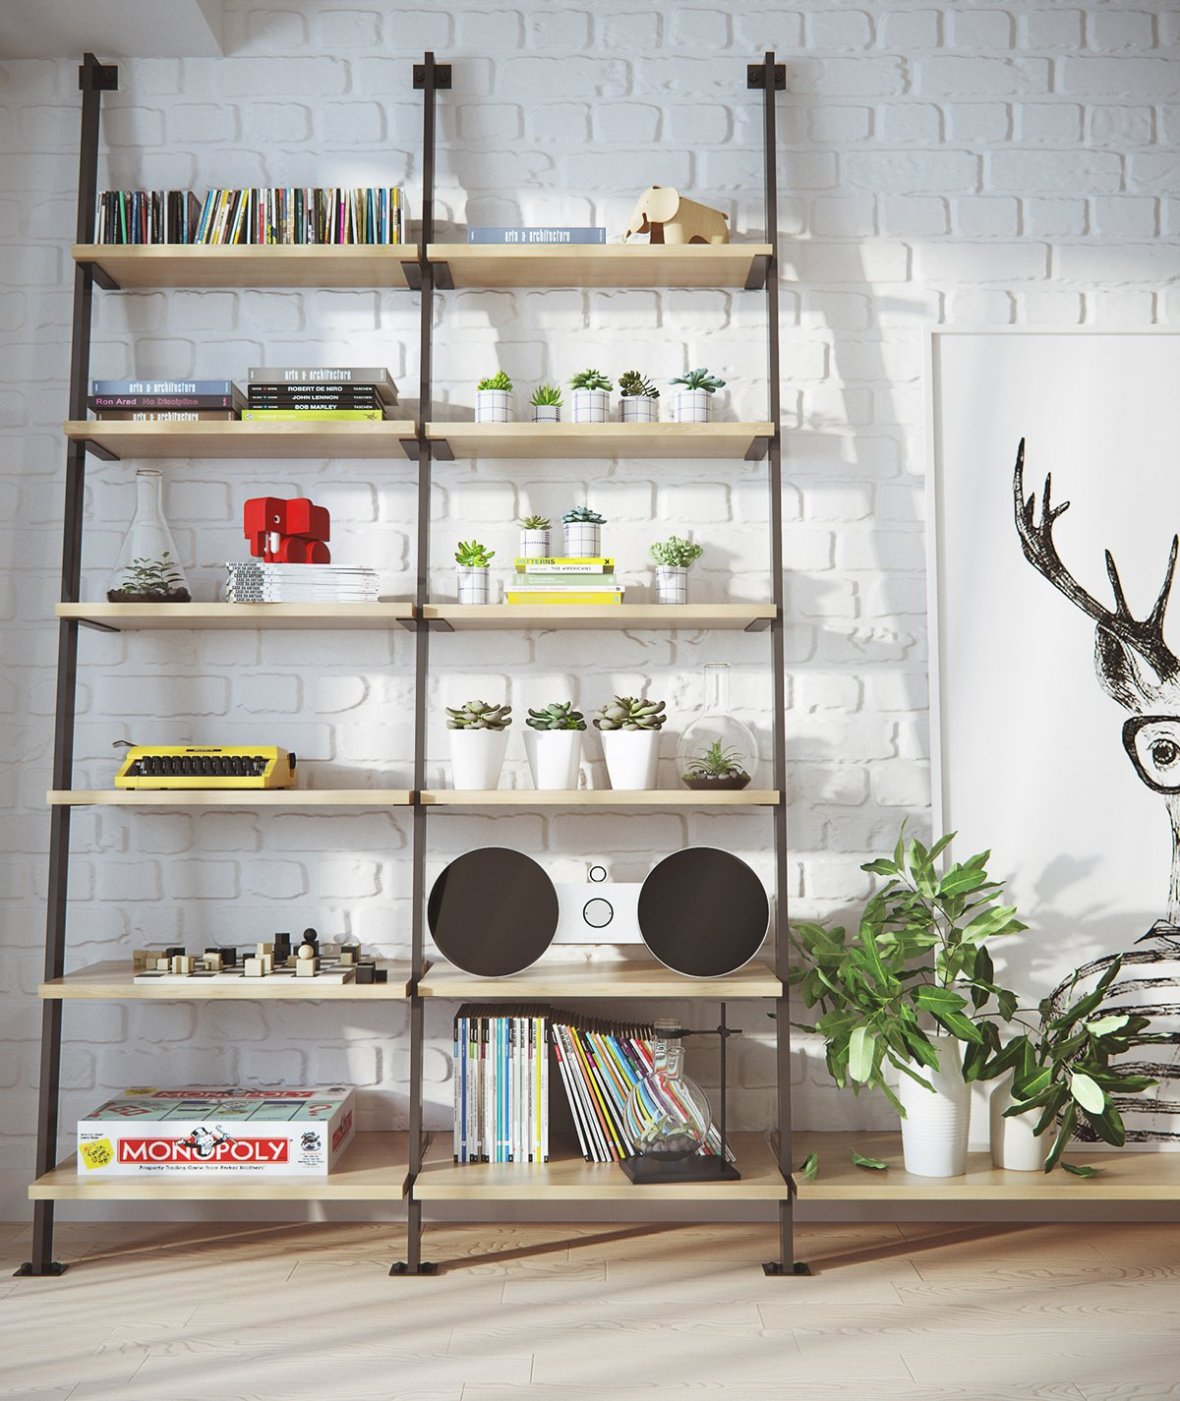 industrial-bookshelves-greenery-stereo